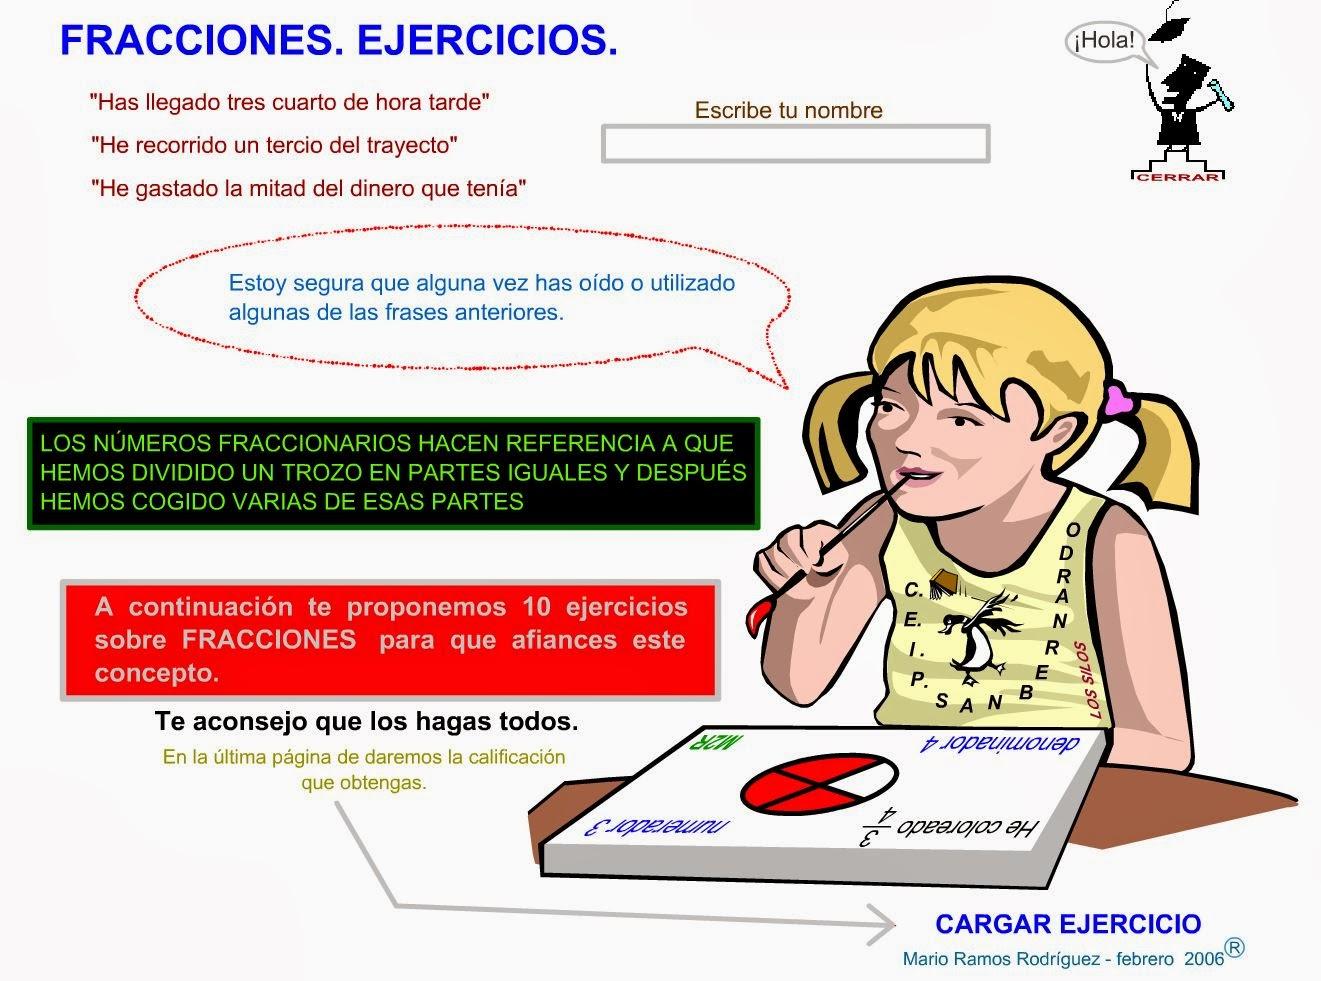 http://www.gobiernodecanarias.org/educacion/3/WebC/eltanque/todo_mate/fracciones_e/ejercicios/fraccionesej10_p.html